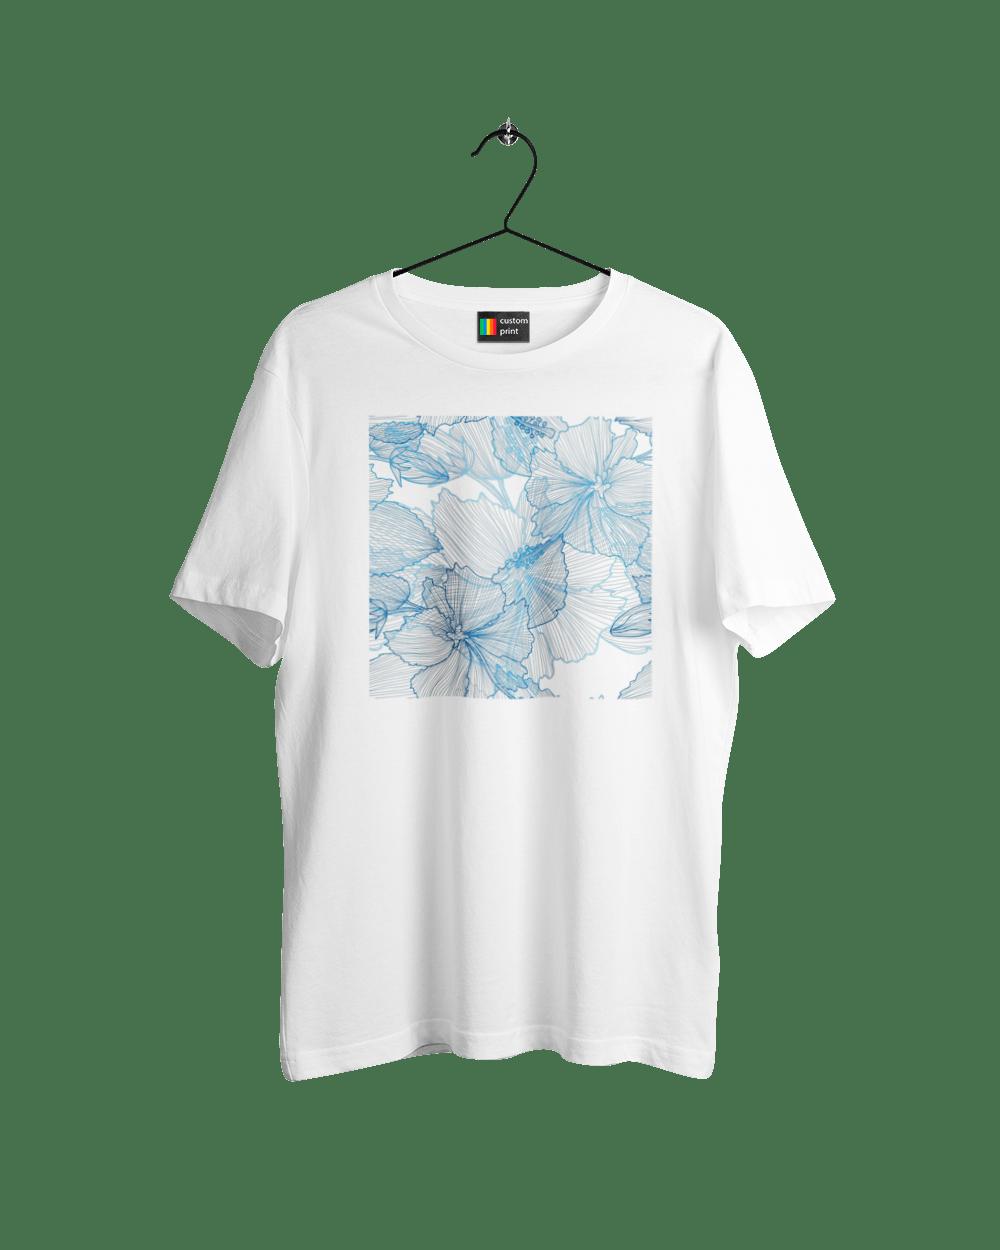 Блакитні Візерункові Квіти